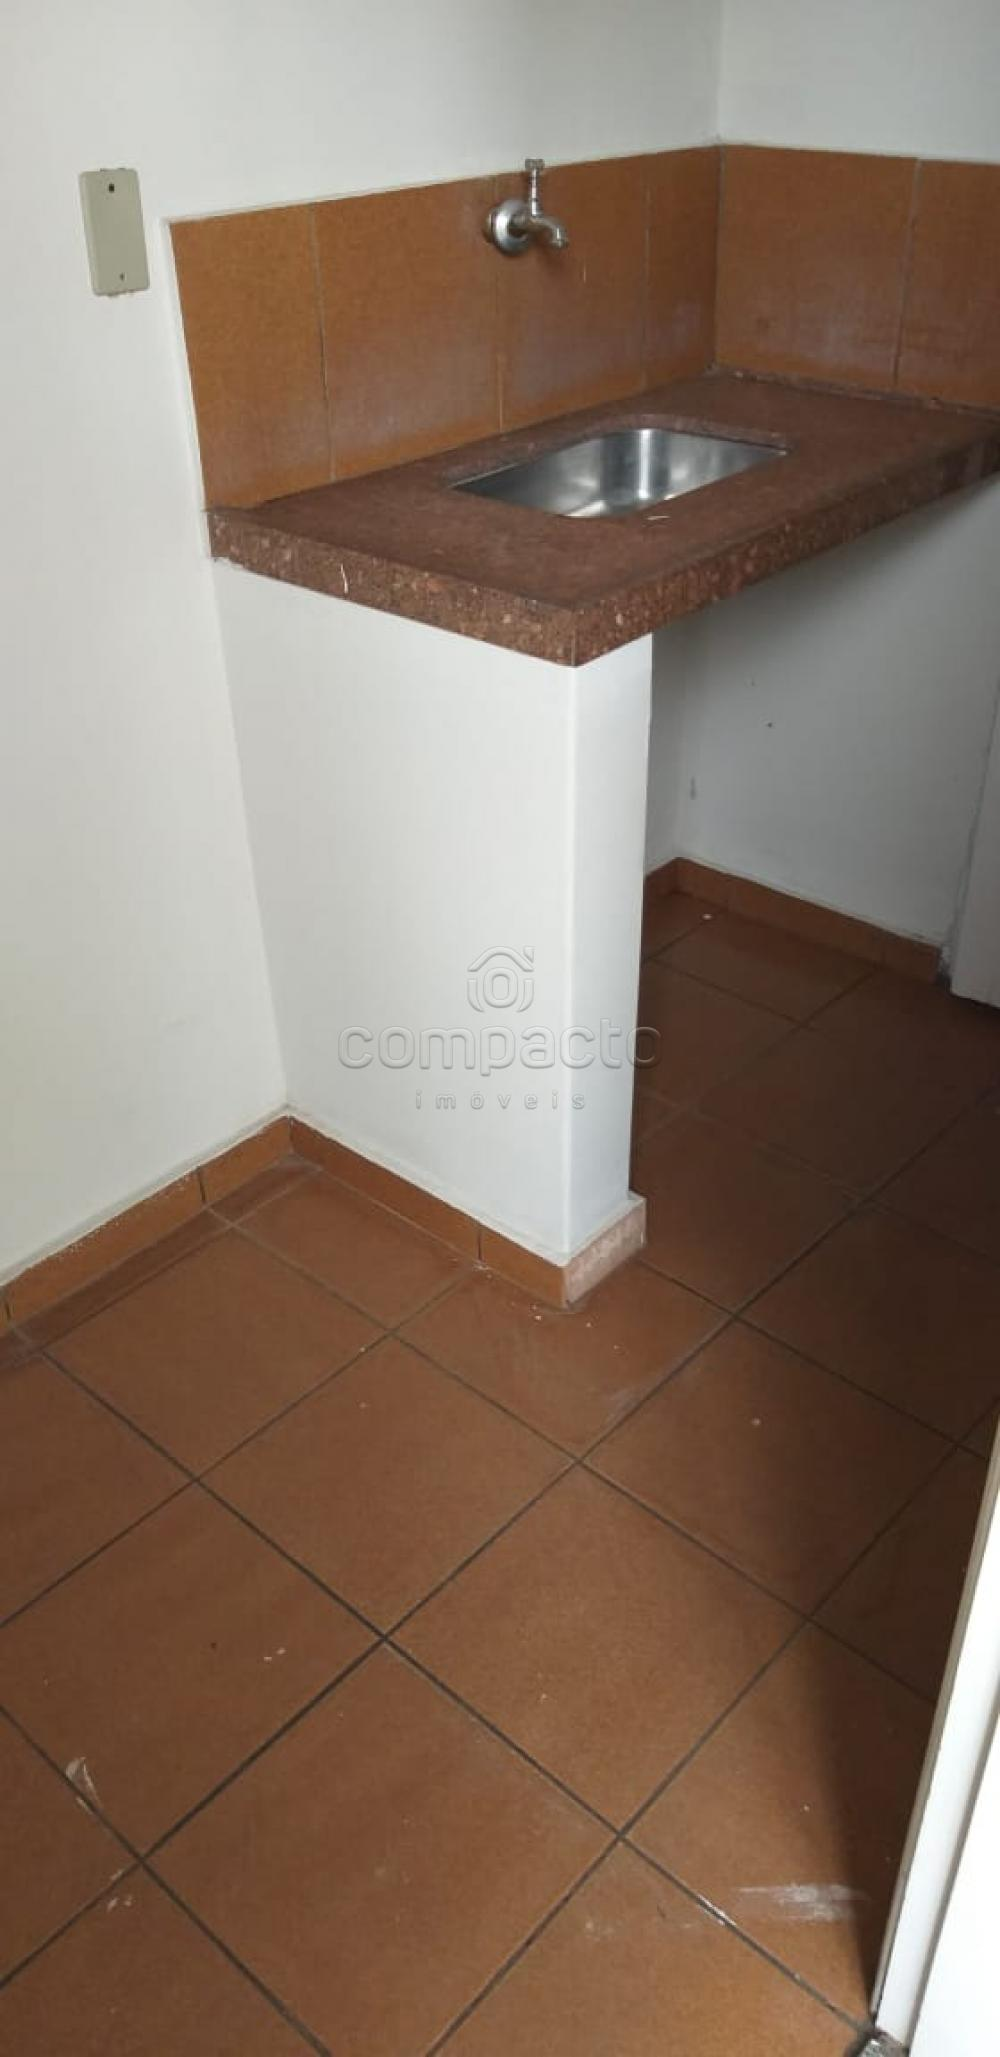 Alugar Comercial / Prédio em São José do Rio Preto apenas R$ 7.000,00 - Foto 20